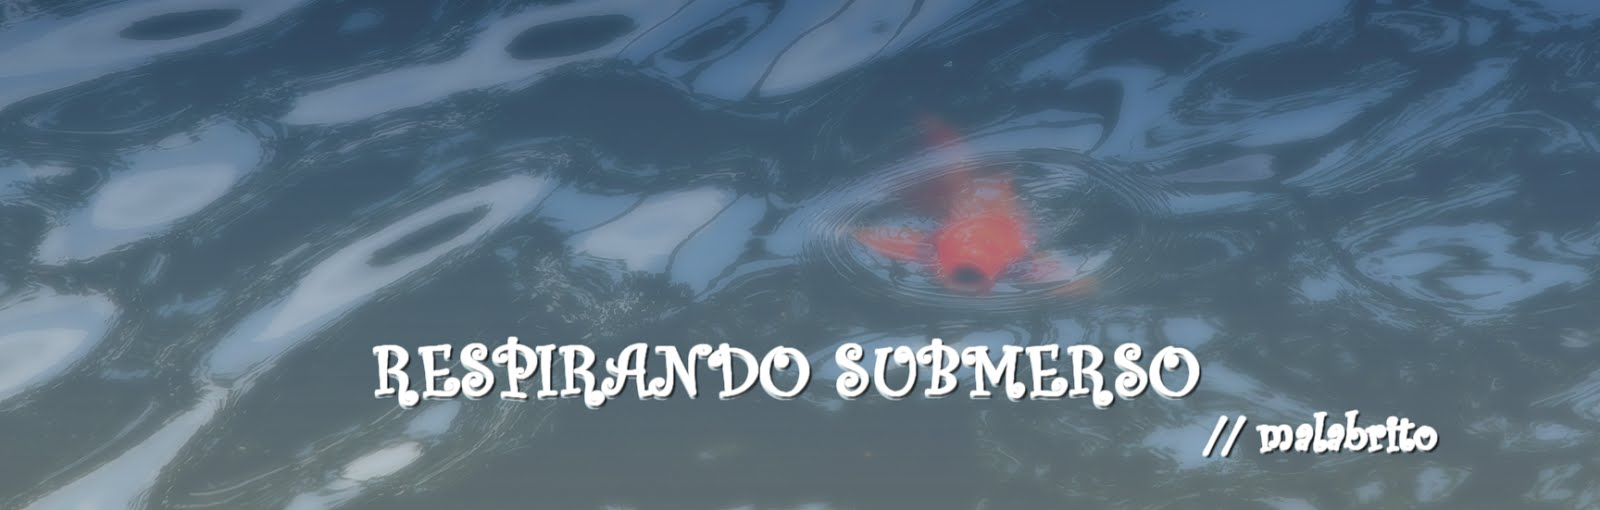 : respirando submerso :